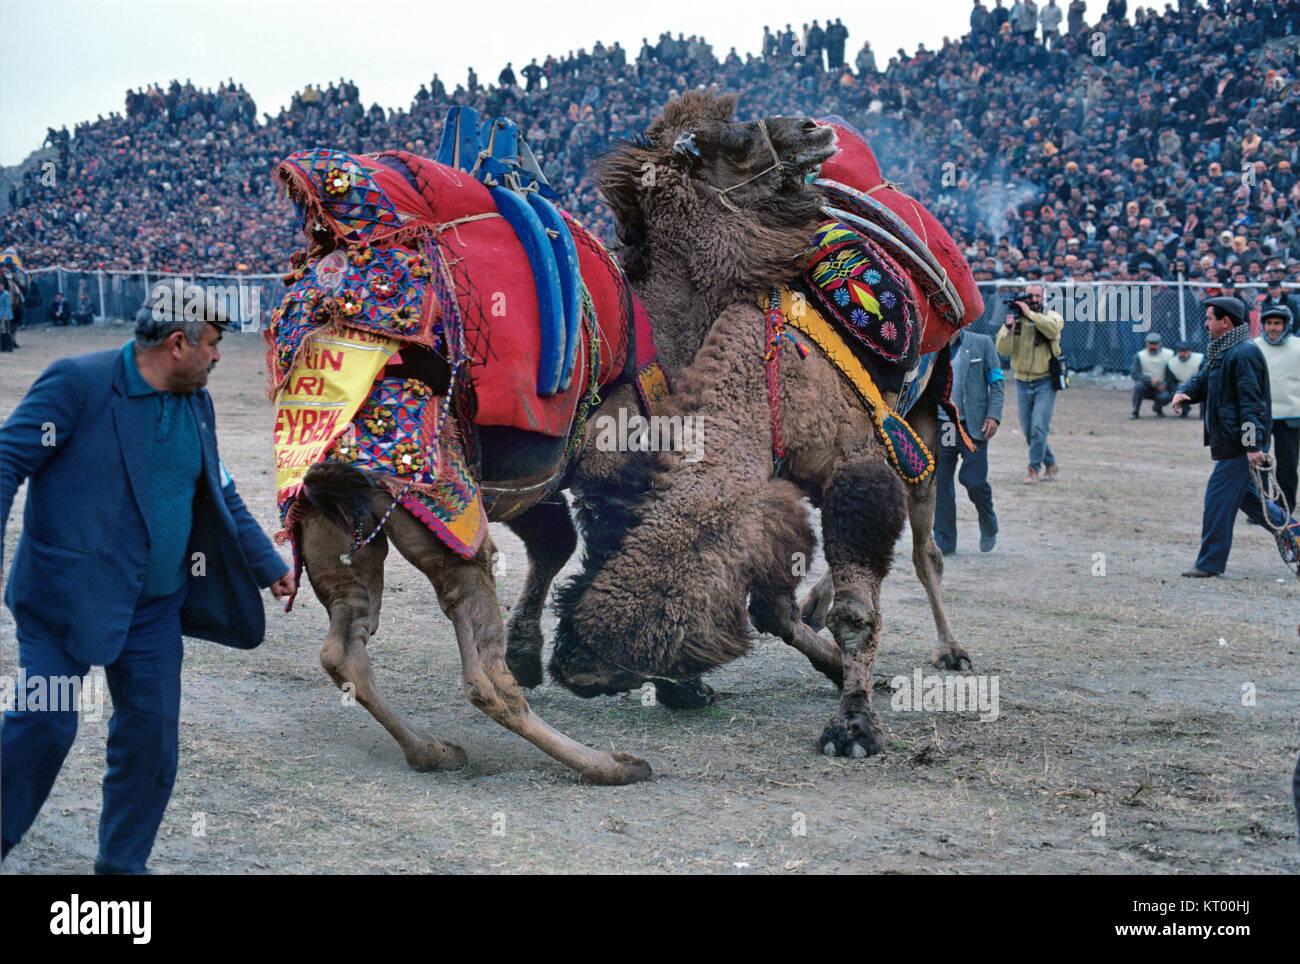 Los hombres turcos o turcos y vestidos de camellos o la lucha de camellos se reúnen para el Festival de lucha Imagen De Stock